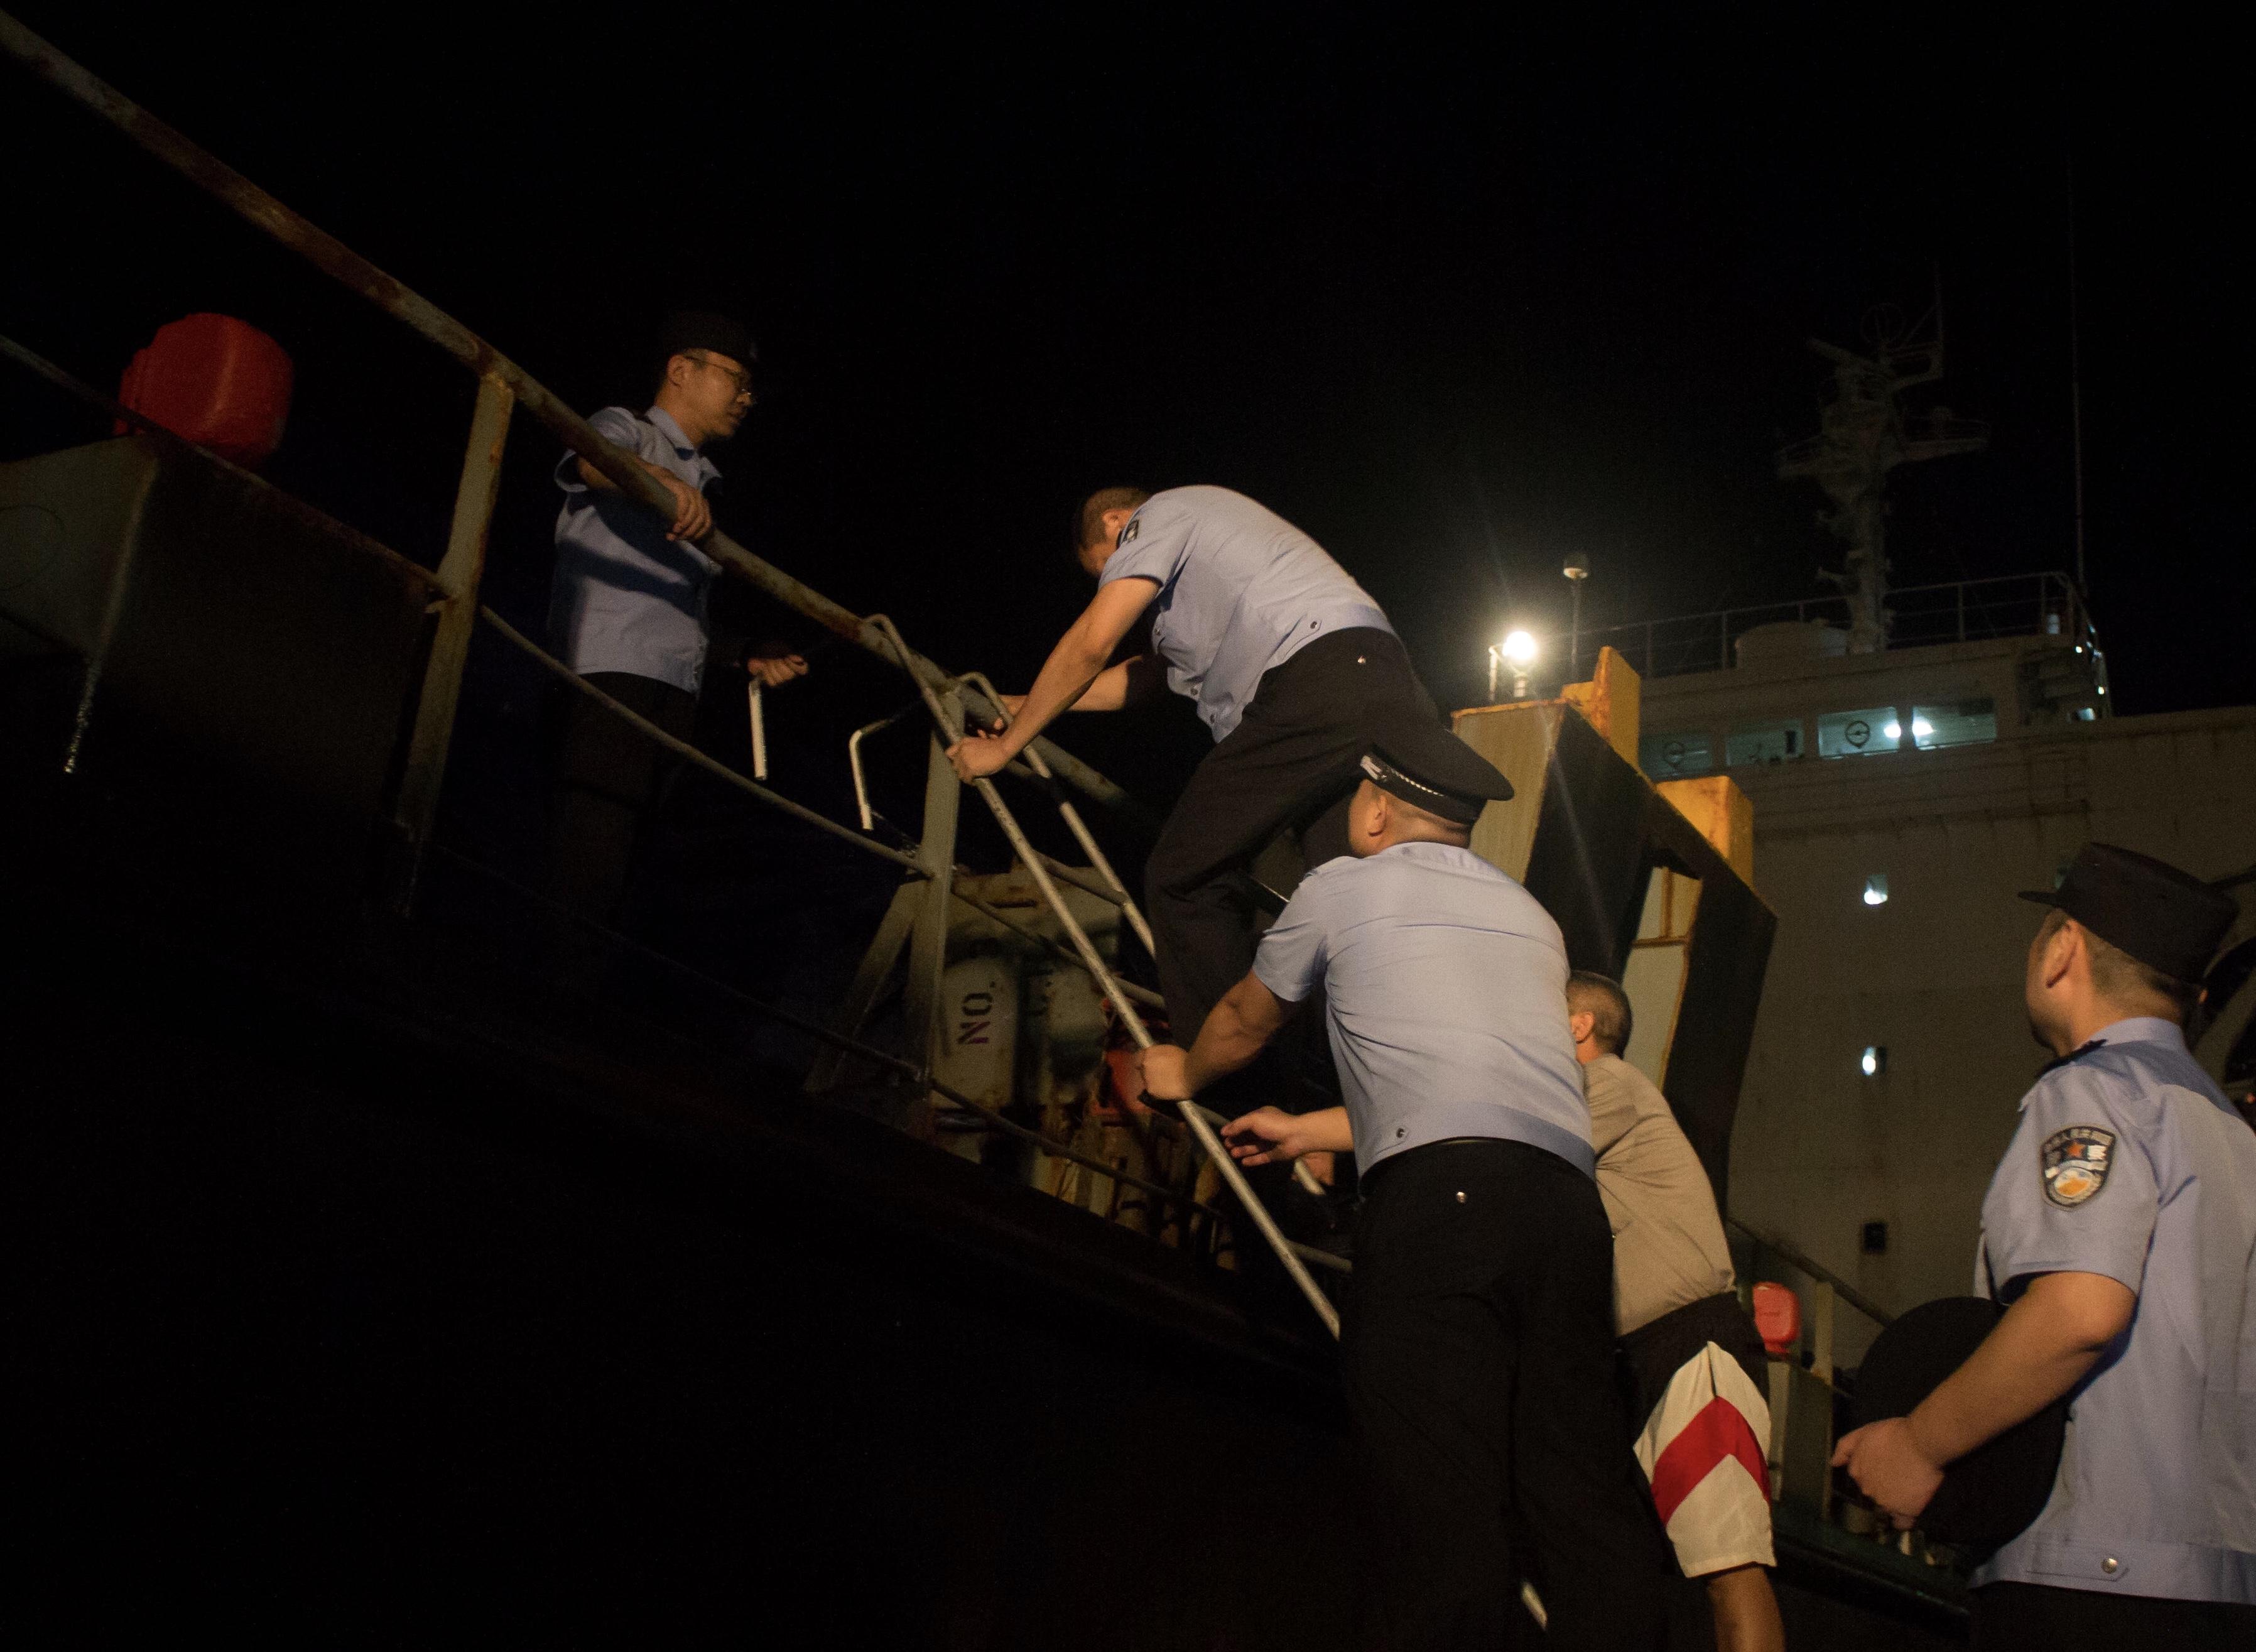 張家港で密輸船摘発 積み荷は冷凍品2000トン 江蘇省